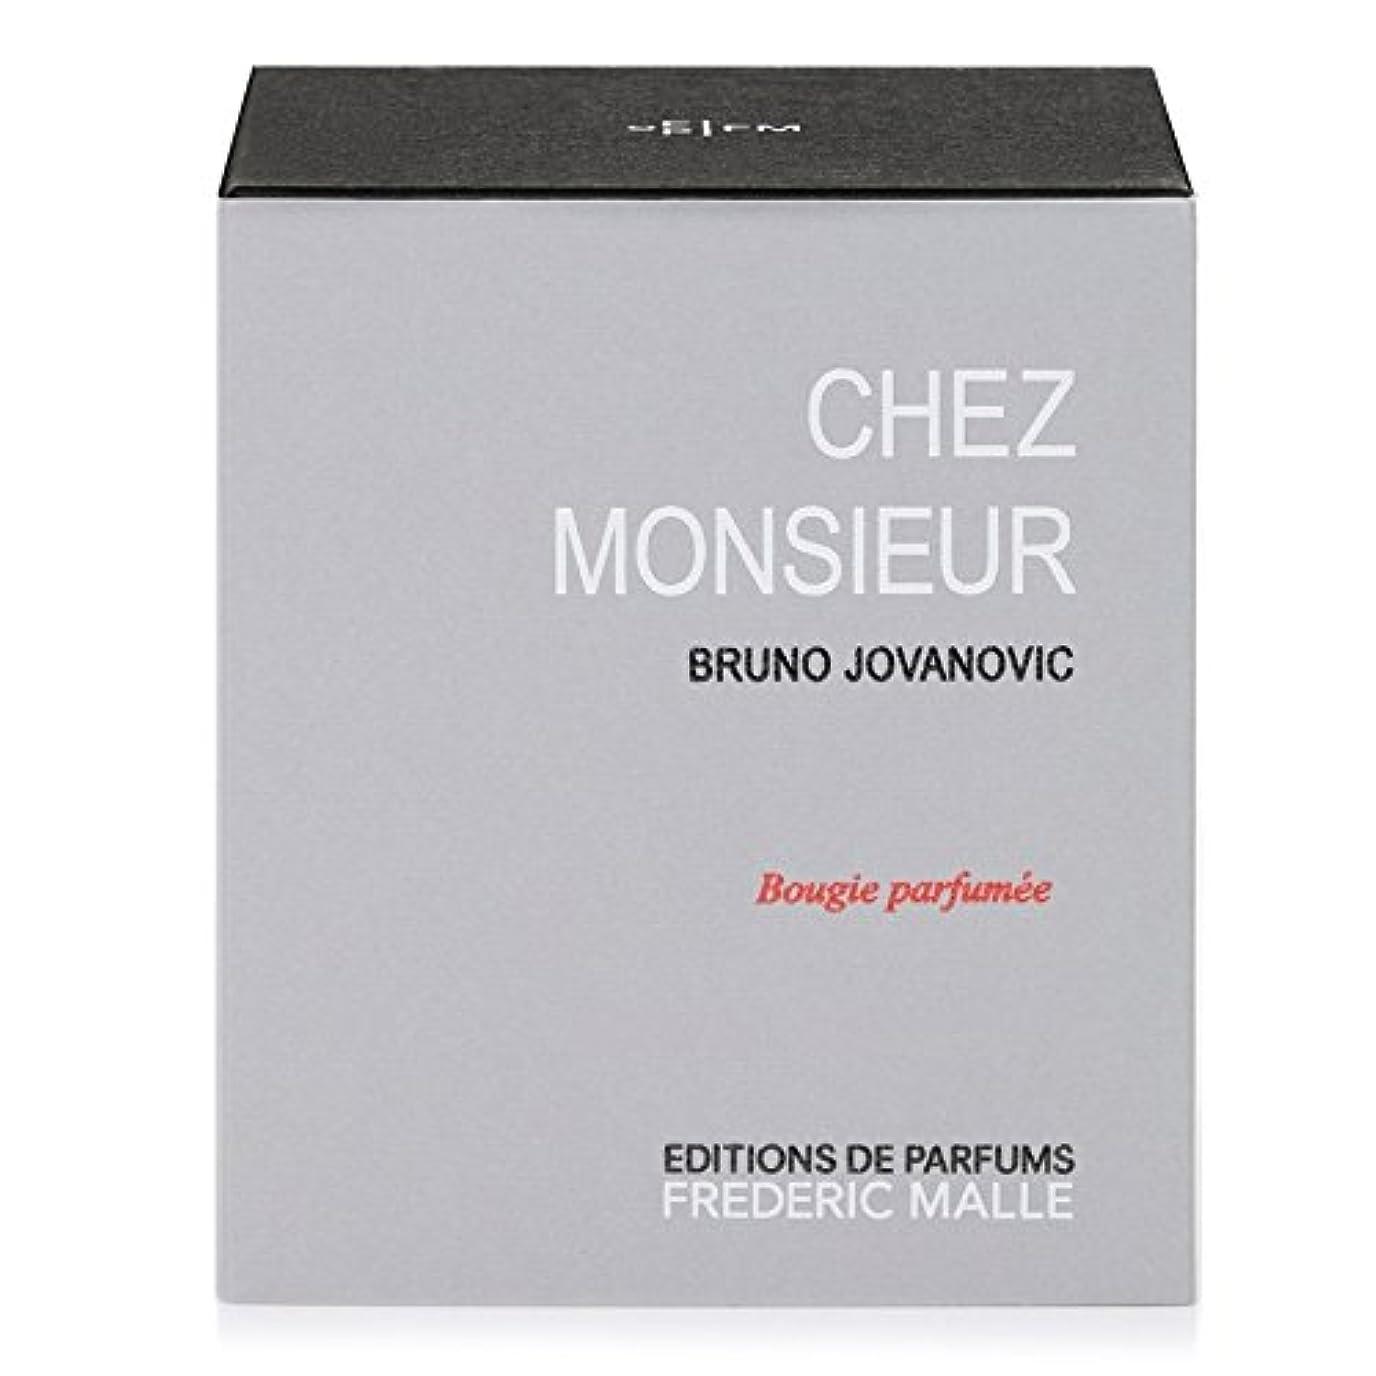 添加剤ズボン永久Frederic Malle Chez Monsieur Scented Candle 220g (Pack of 4) - フレデリック?マルシェムッシュ香りのキャンドル220グラム x4 [並行輸入品]